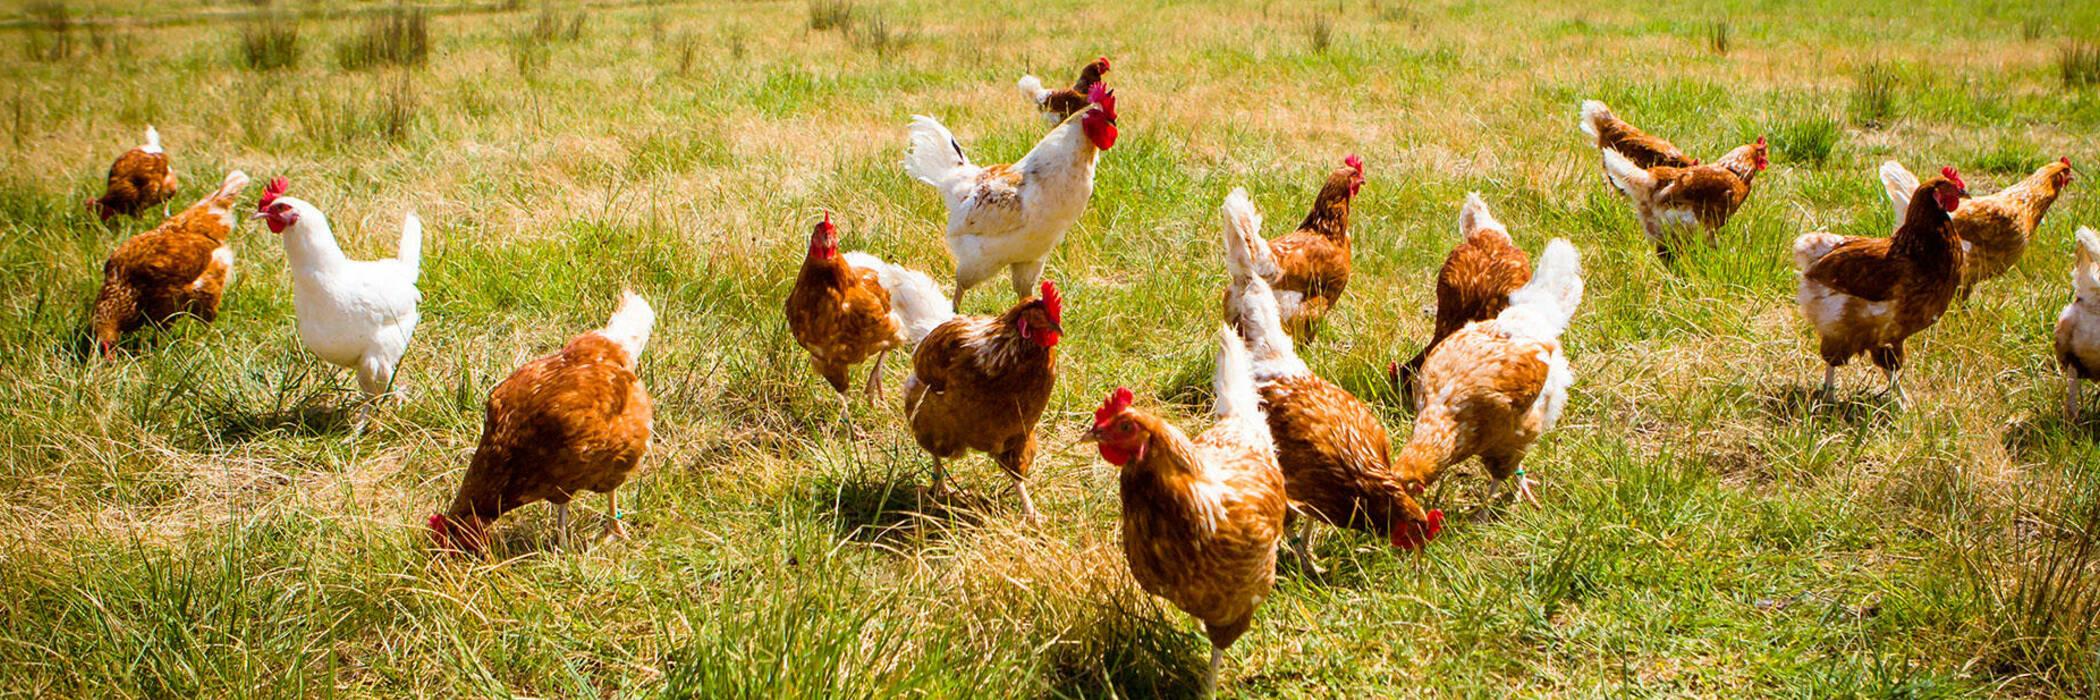 17jun free range eggs hero